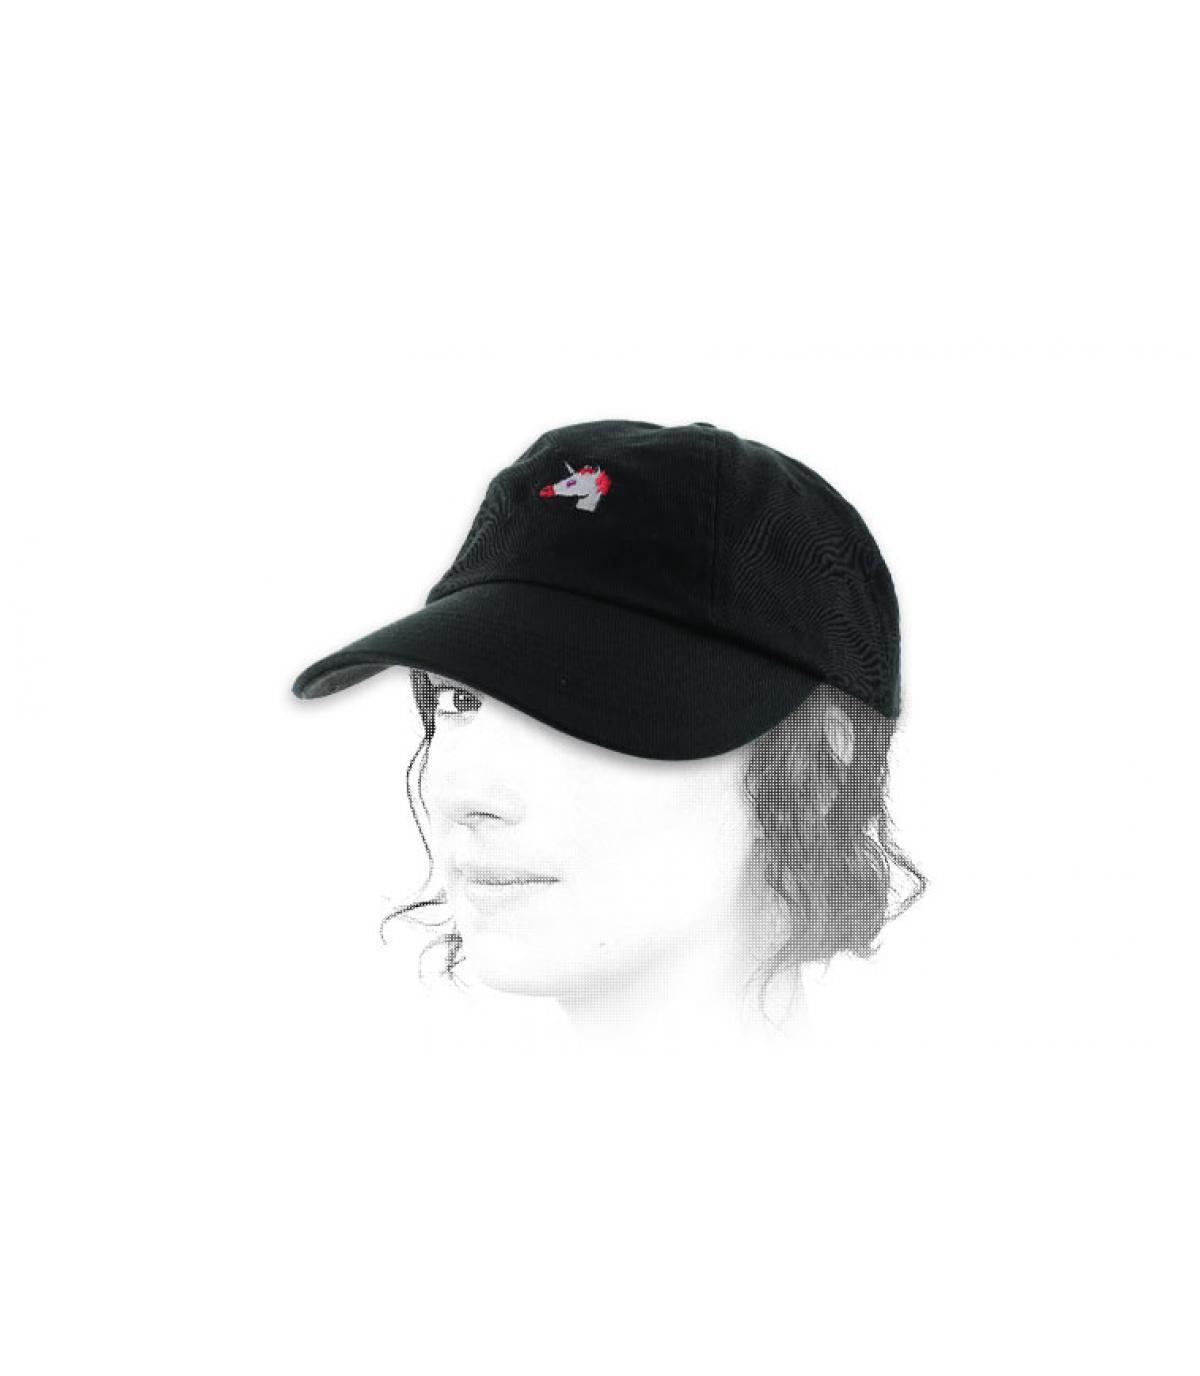 Zwarte Eenhoorn cap